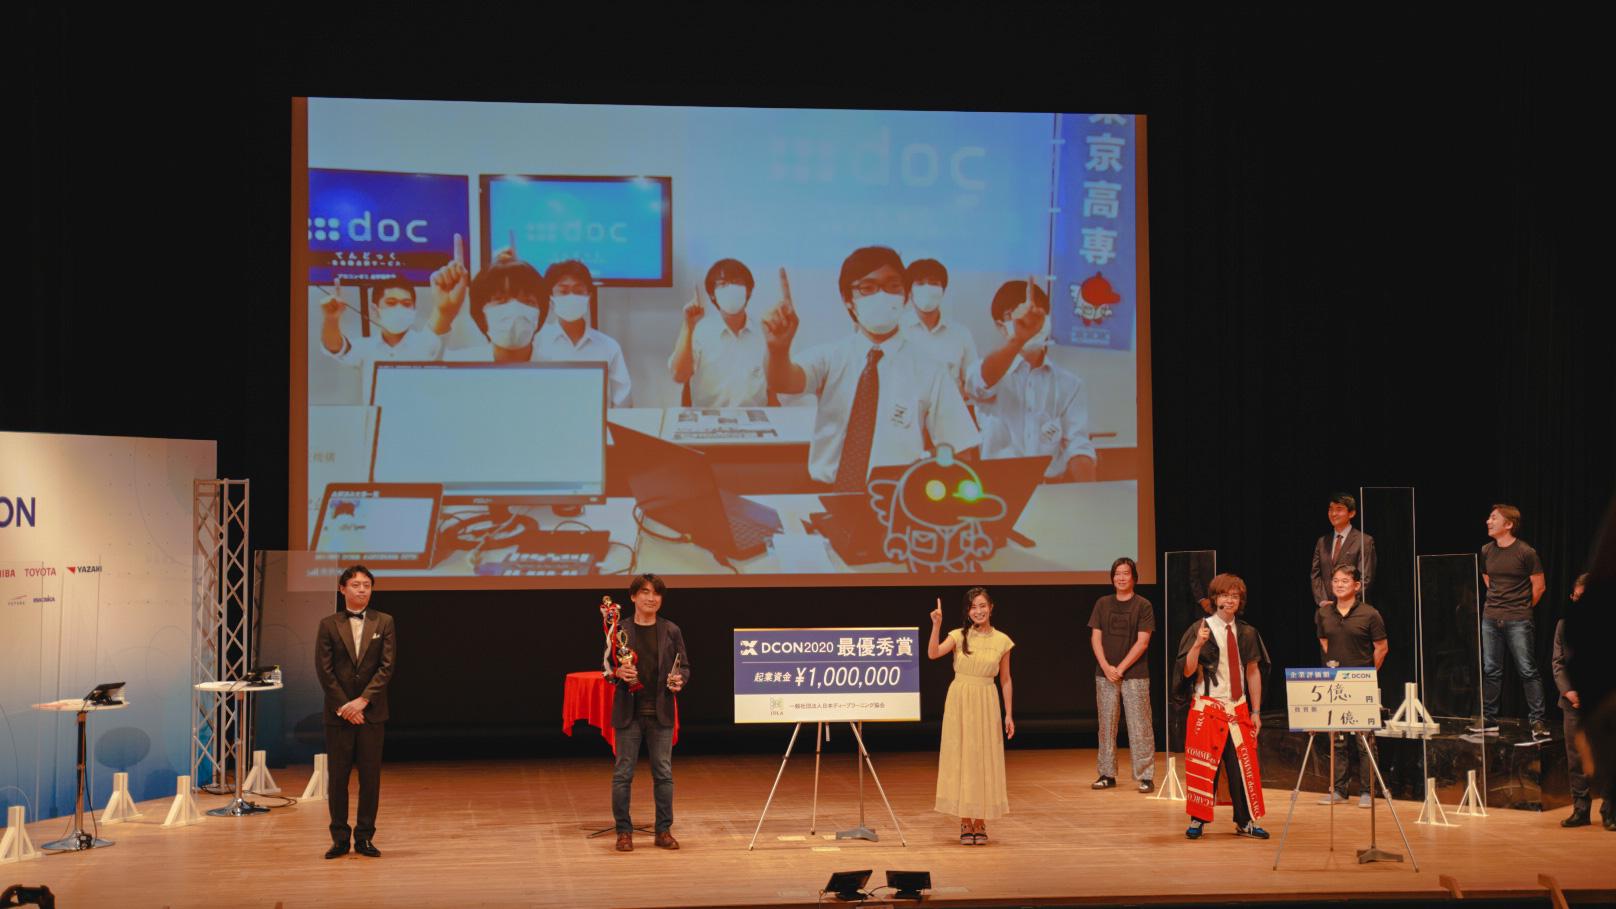 1位は点字自動翻訳システム!評価額は5億円!「DCON2020」速報 | AI専門ニュースメディア AINOW